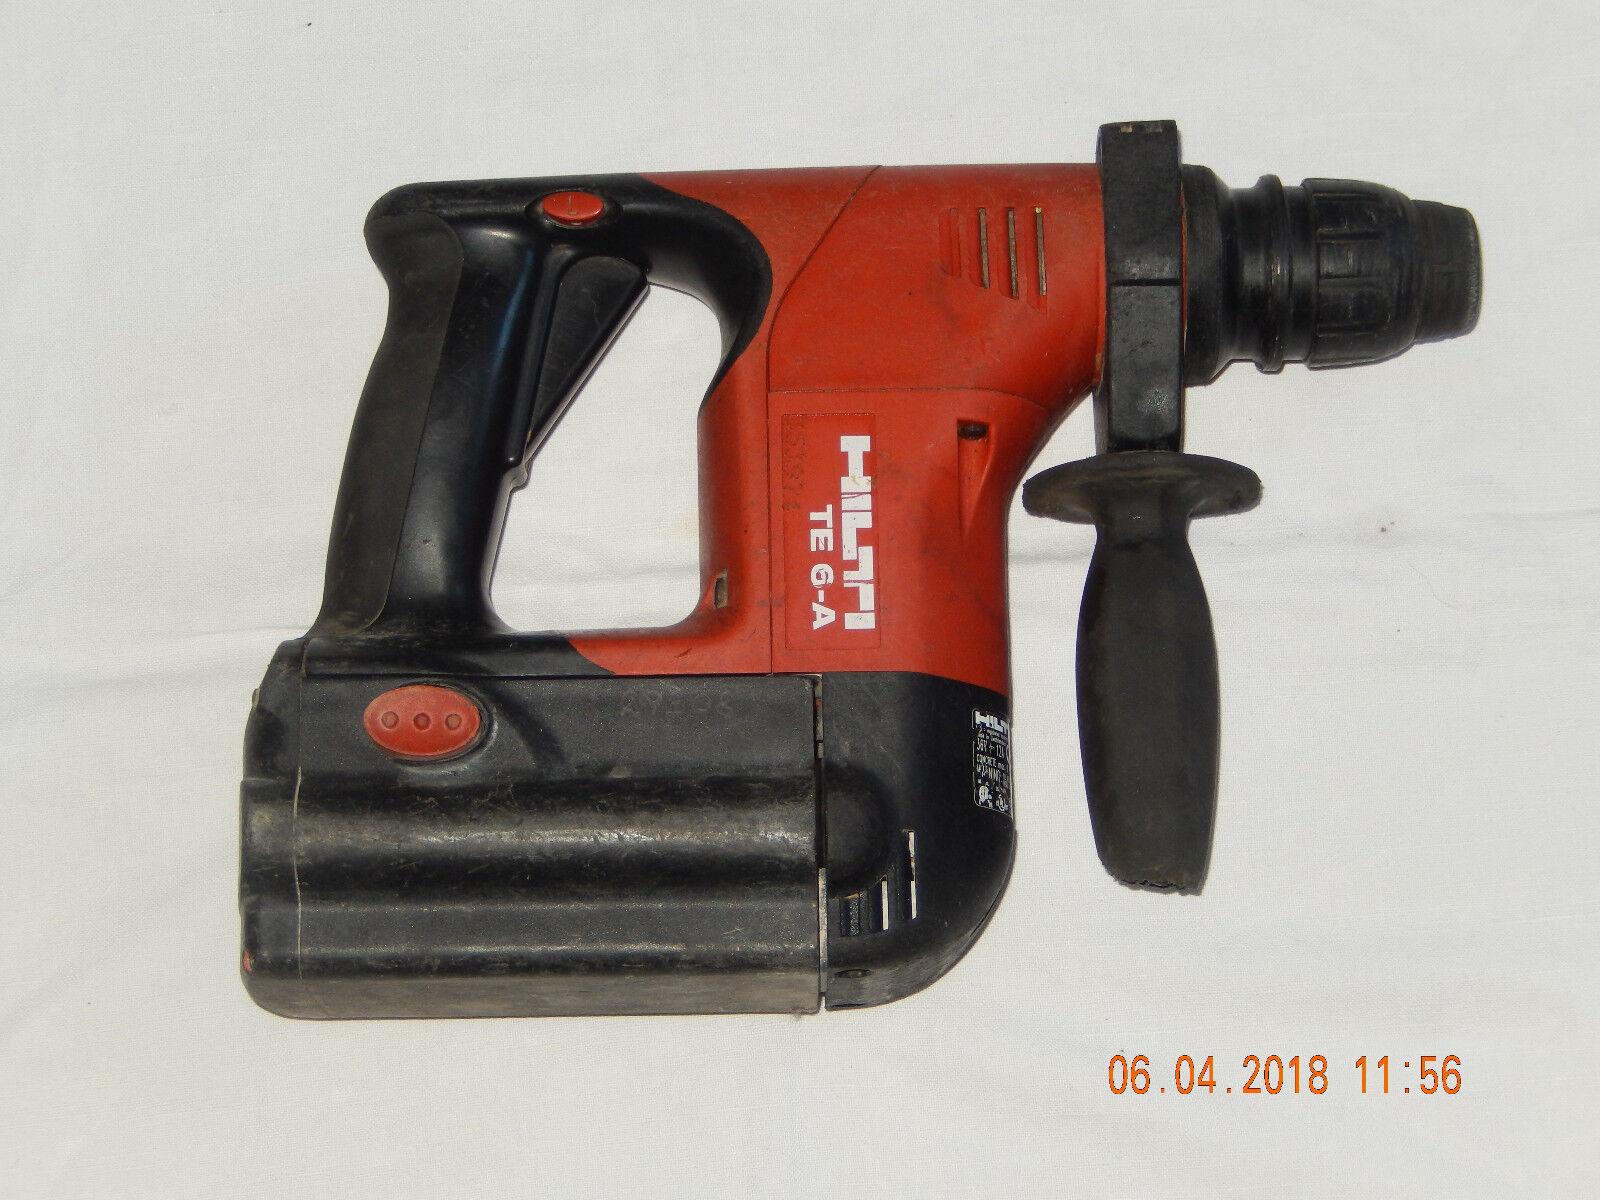 hilti bohrhammer te 6-a akku werkzeug accu bohrmaschine te6-a | ebay